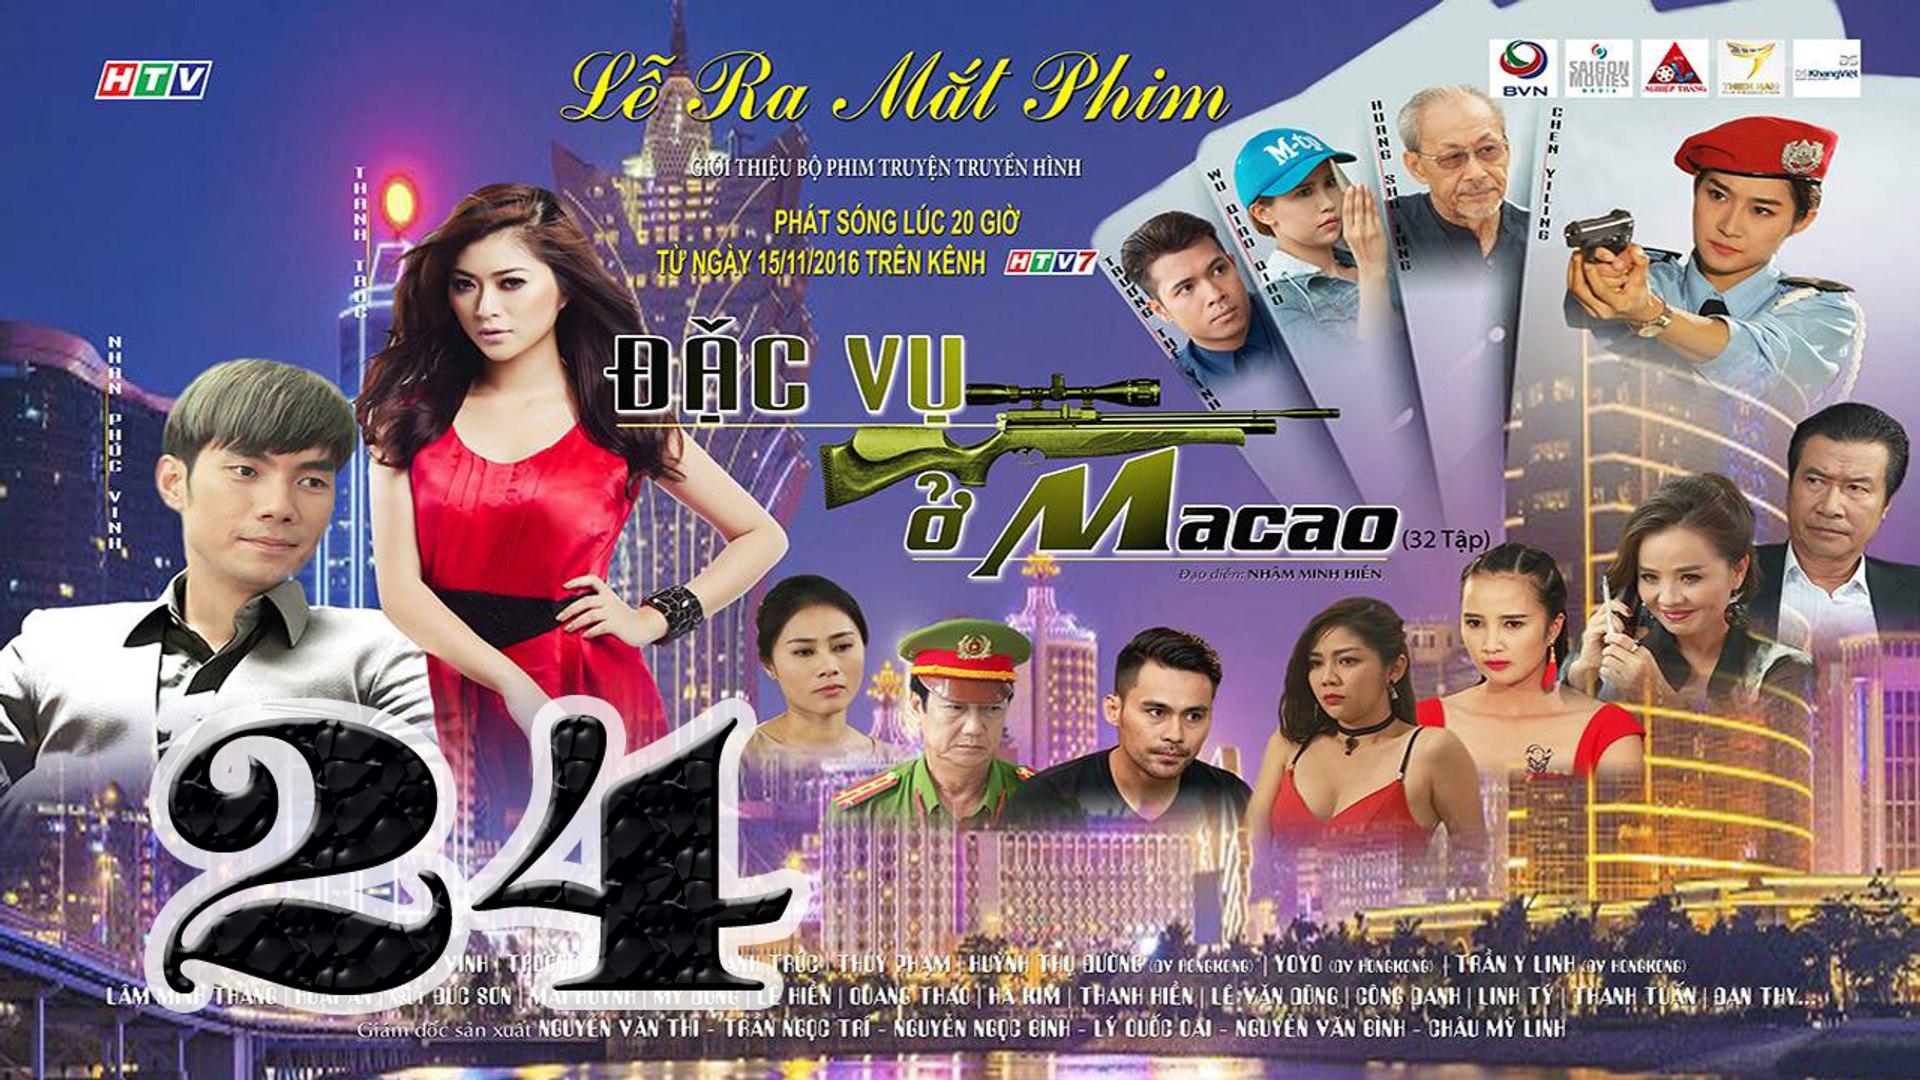 Đặc Vụ Ở Macao Tập 24 HTV7 - Phim Việt Nam